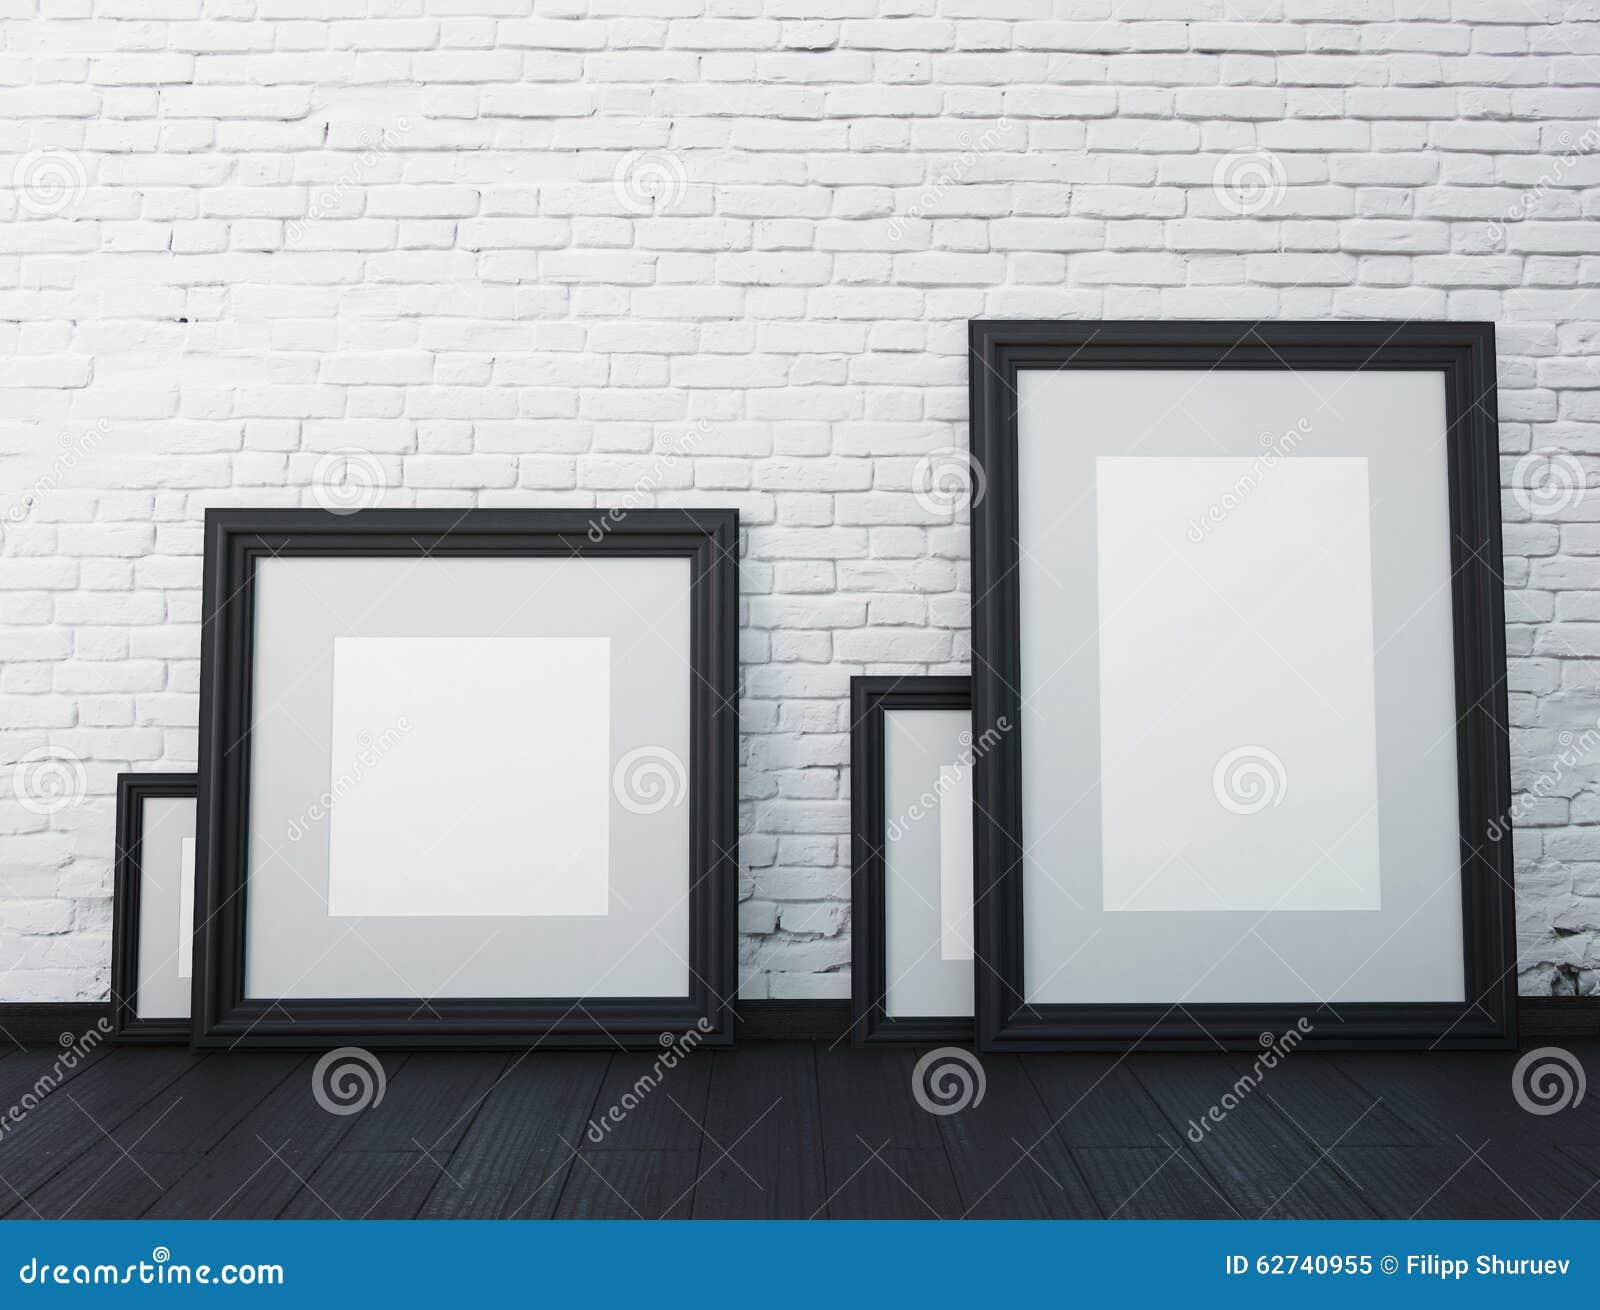 moquerie vers le haut de cadre cadres noirs sur le mur blanc dans l 39 int rieur illustration stock. Black Bedroom Furniture Sets. Home Design Ideas